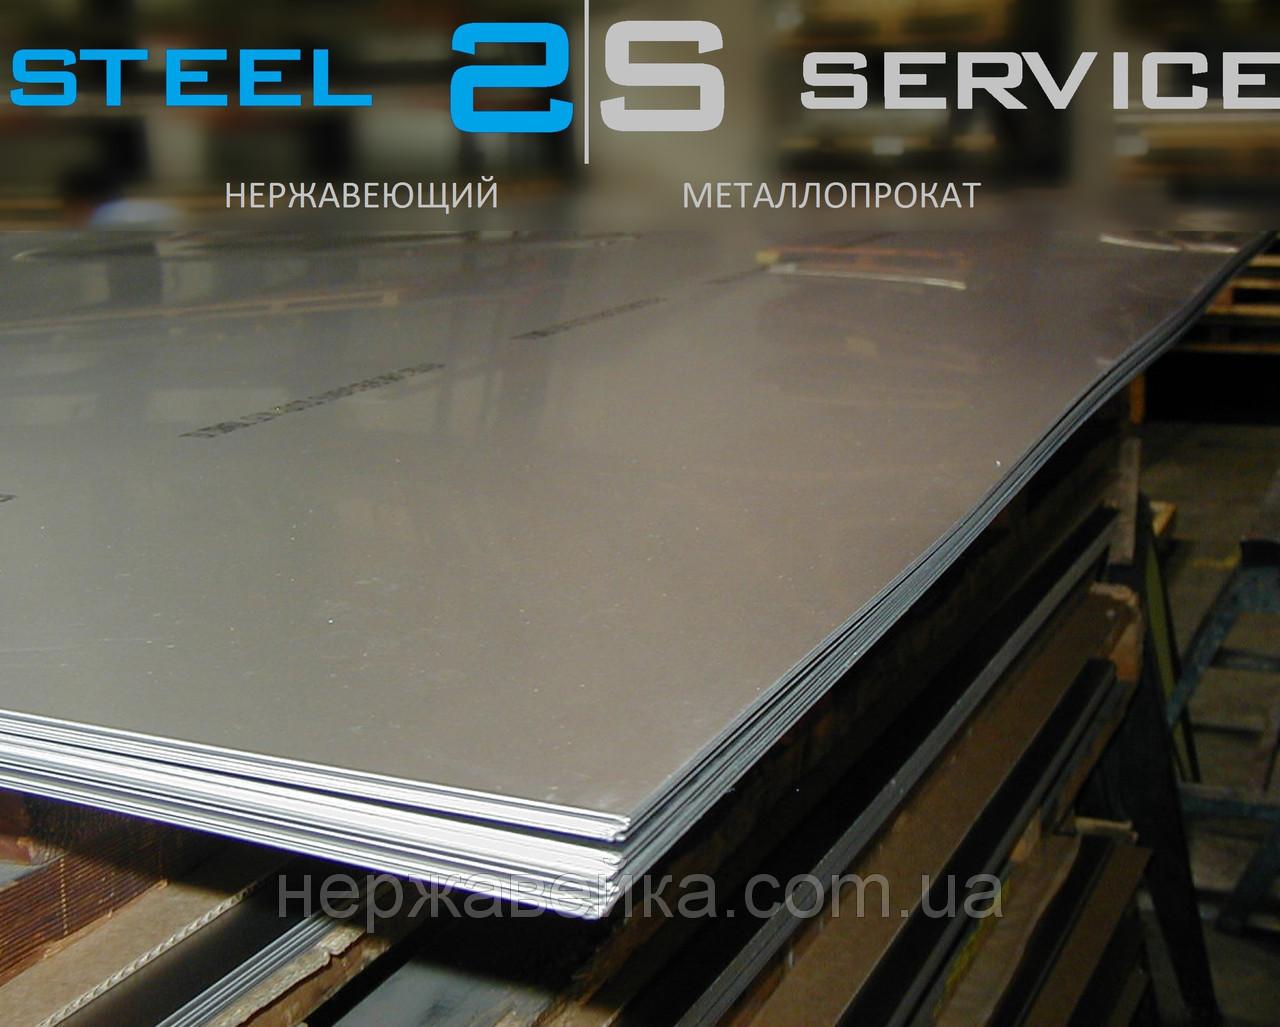 Нержавеющий лист 1,5х1250х2500мм  AISI 309(20Х23Н13, 20Х20Н14С2) 2B - матовый,  жаропрочный